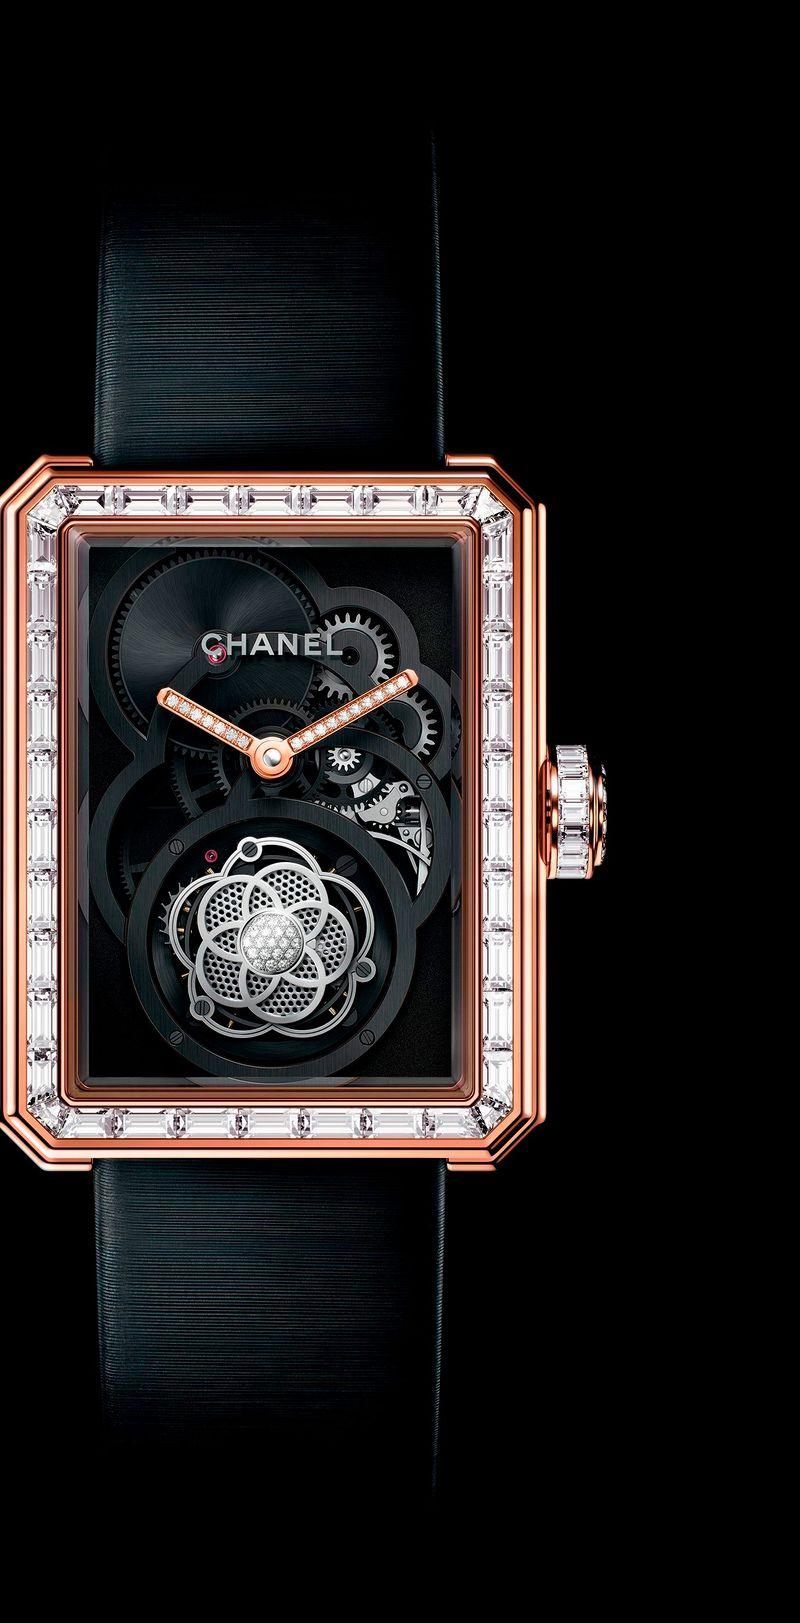 Фото №1: Часы Chanel из коллекции Весна-лето 2017